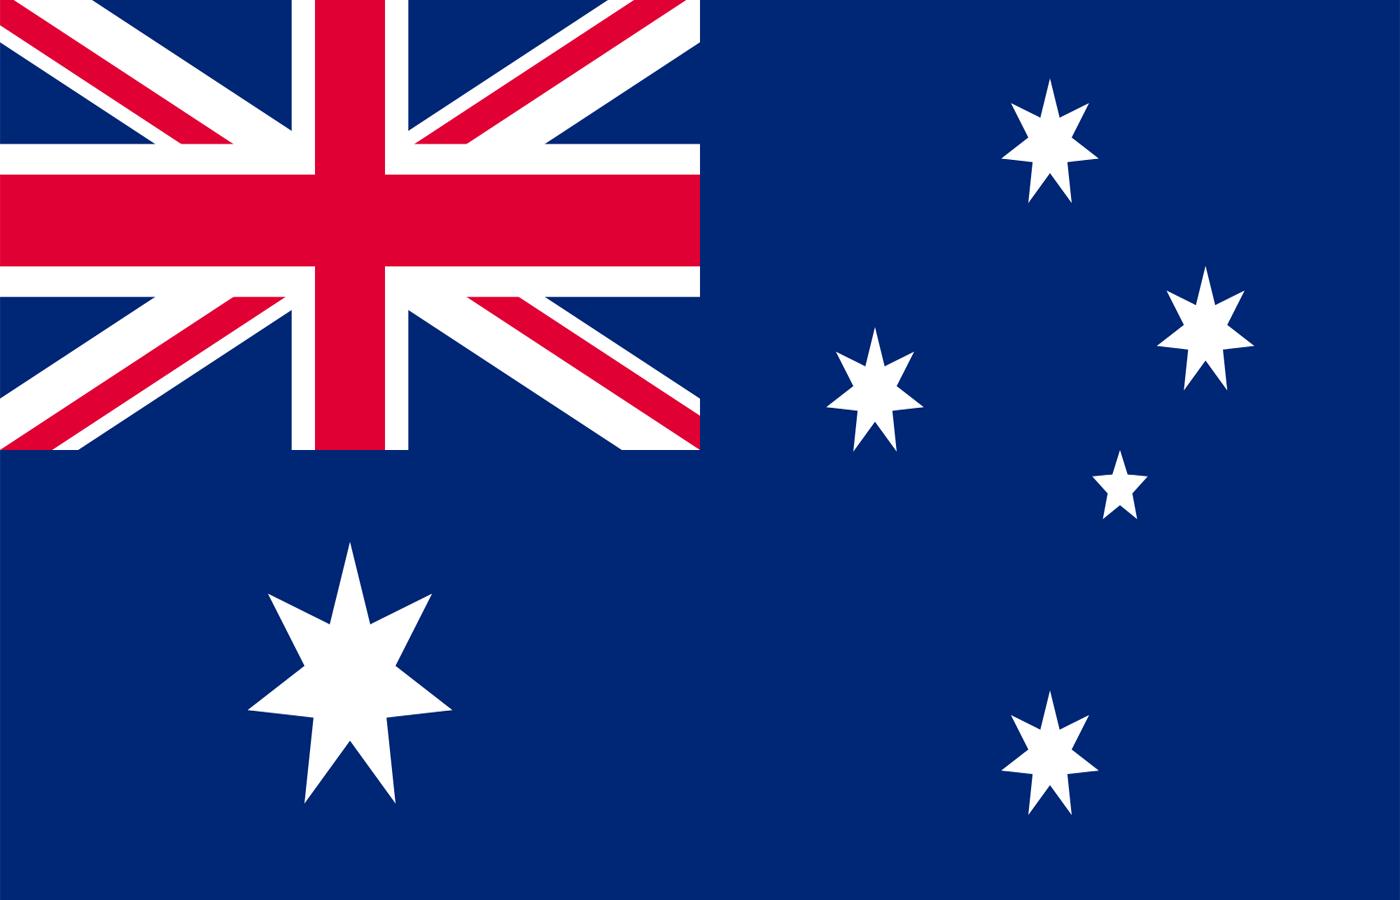 StarCitizenAustralia